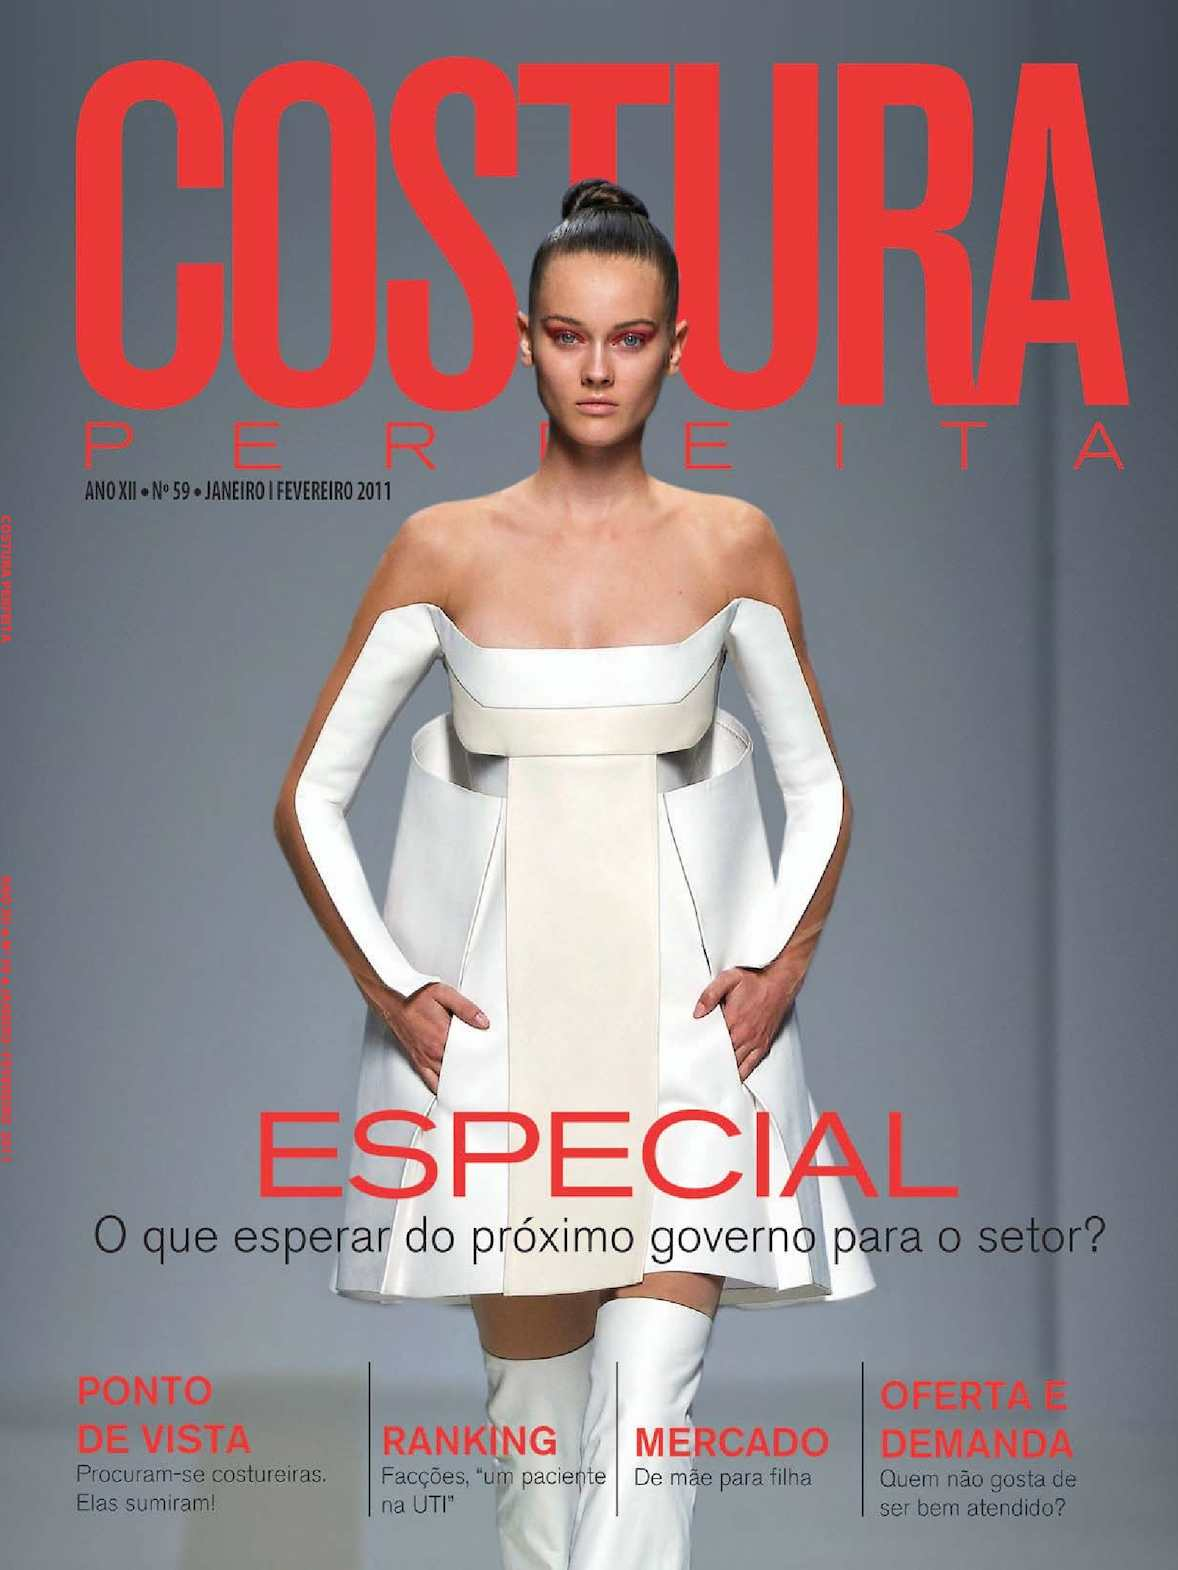 Calaméo - Revista Costura Perfeita Edição Ano XII - N59 - Janeiro-Fevereiro  2011 9e1aa0cfcb855